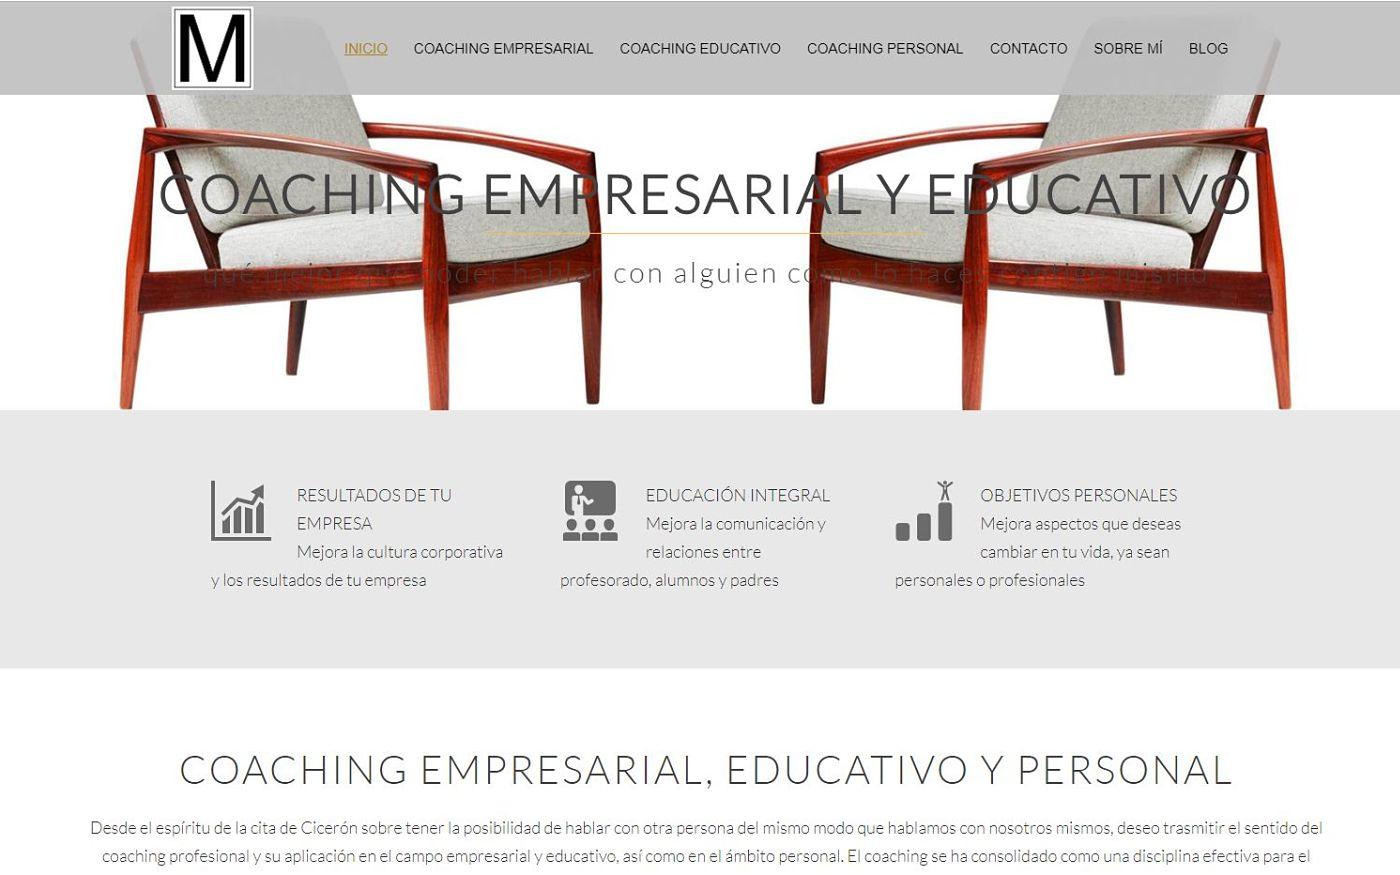 diseño para ignacio mincholed coach empresarial y educativo